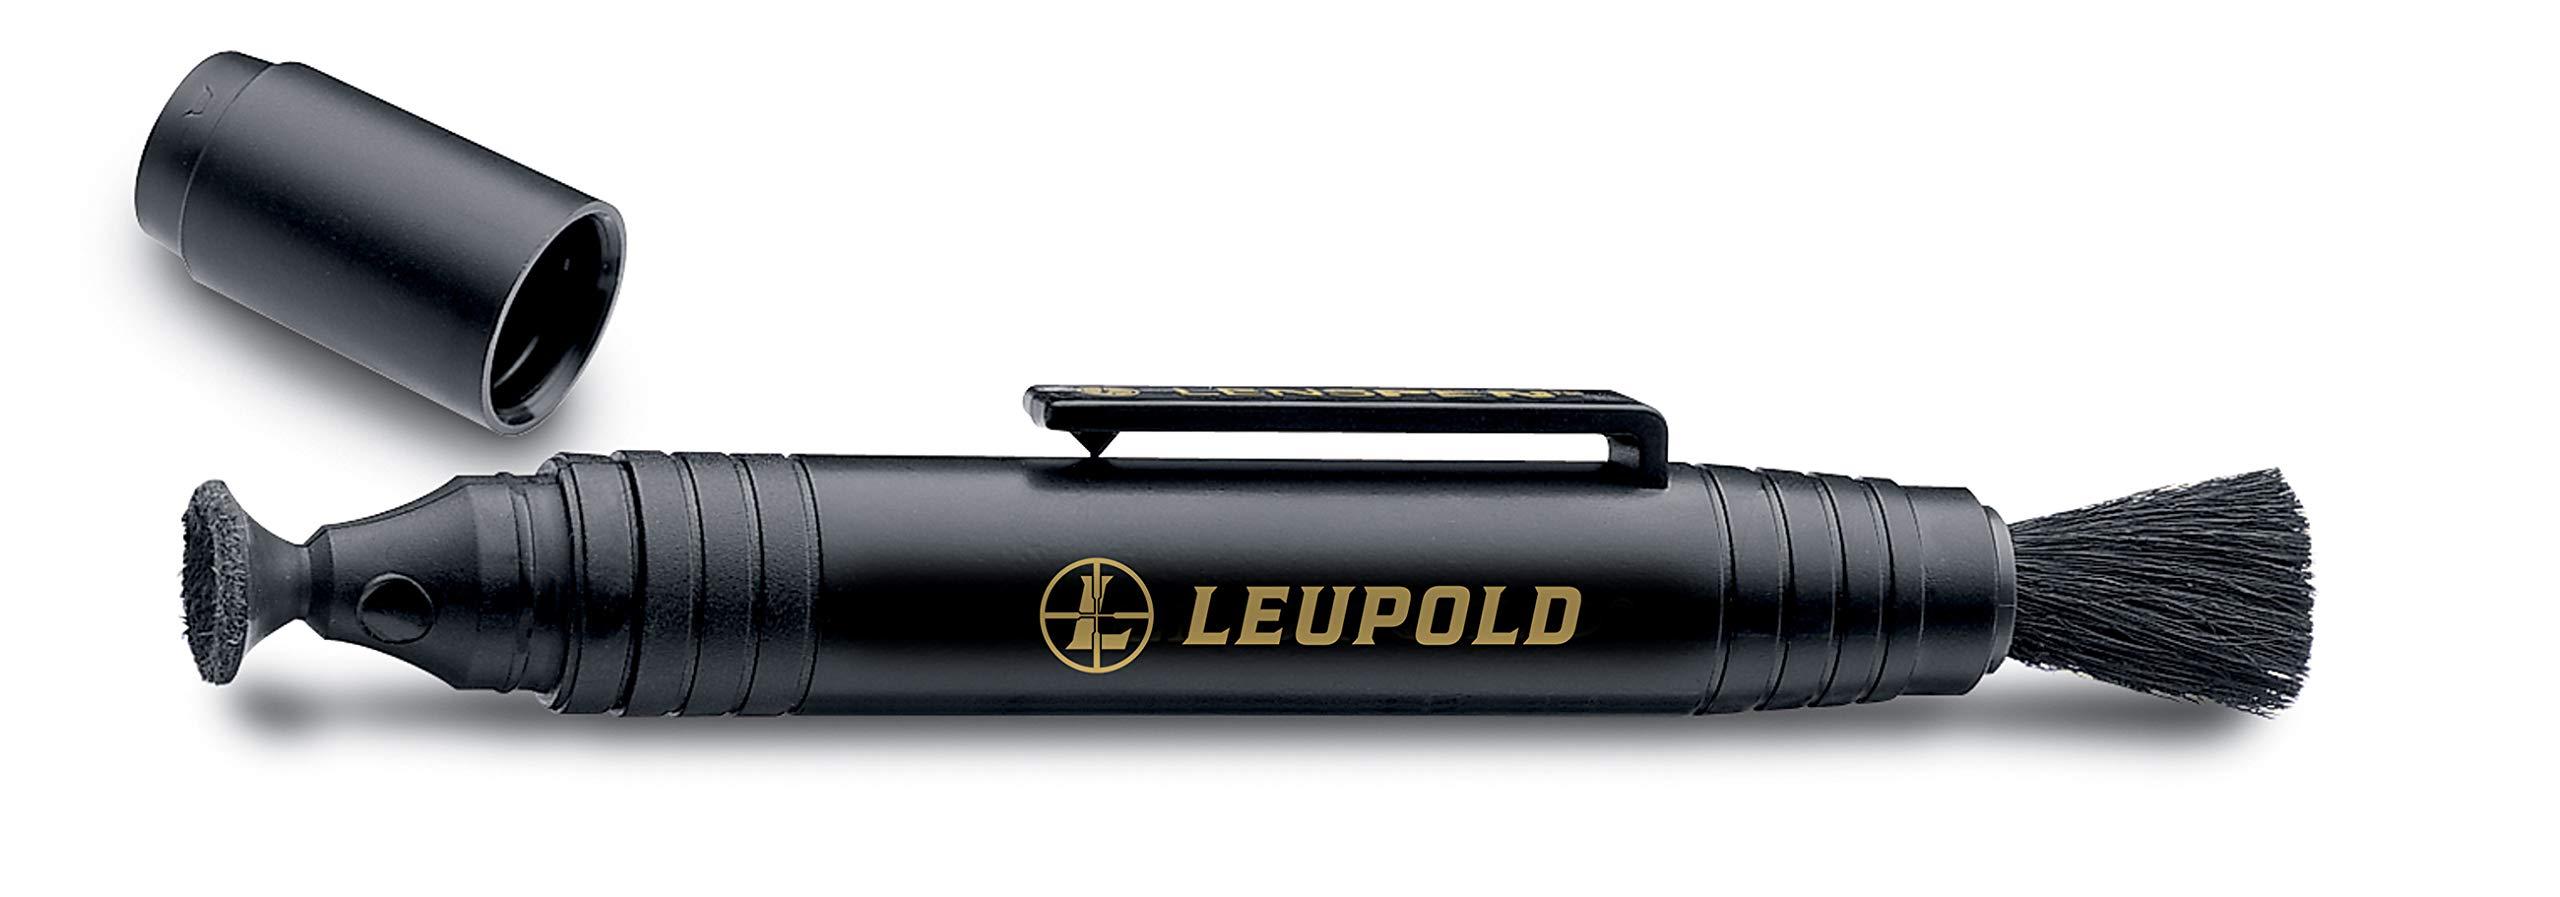 Leupold Lens Pen 48807